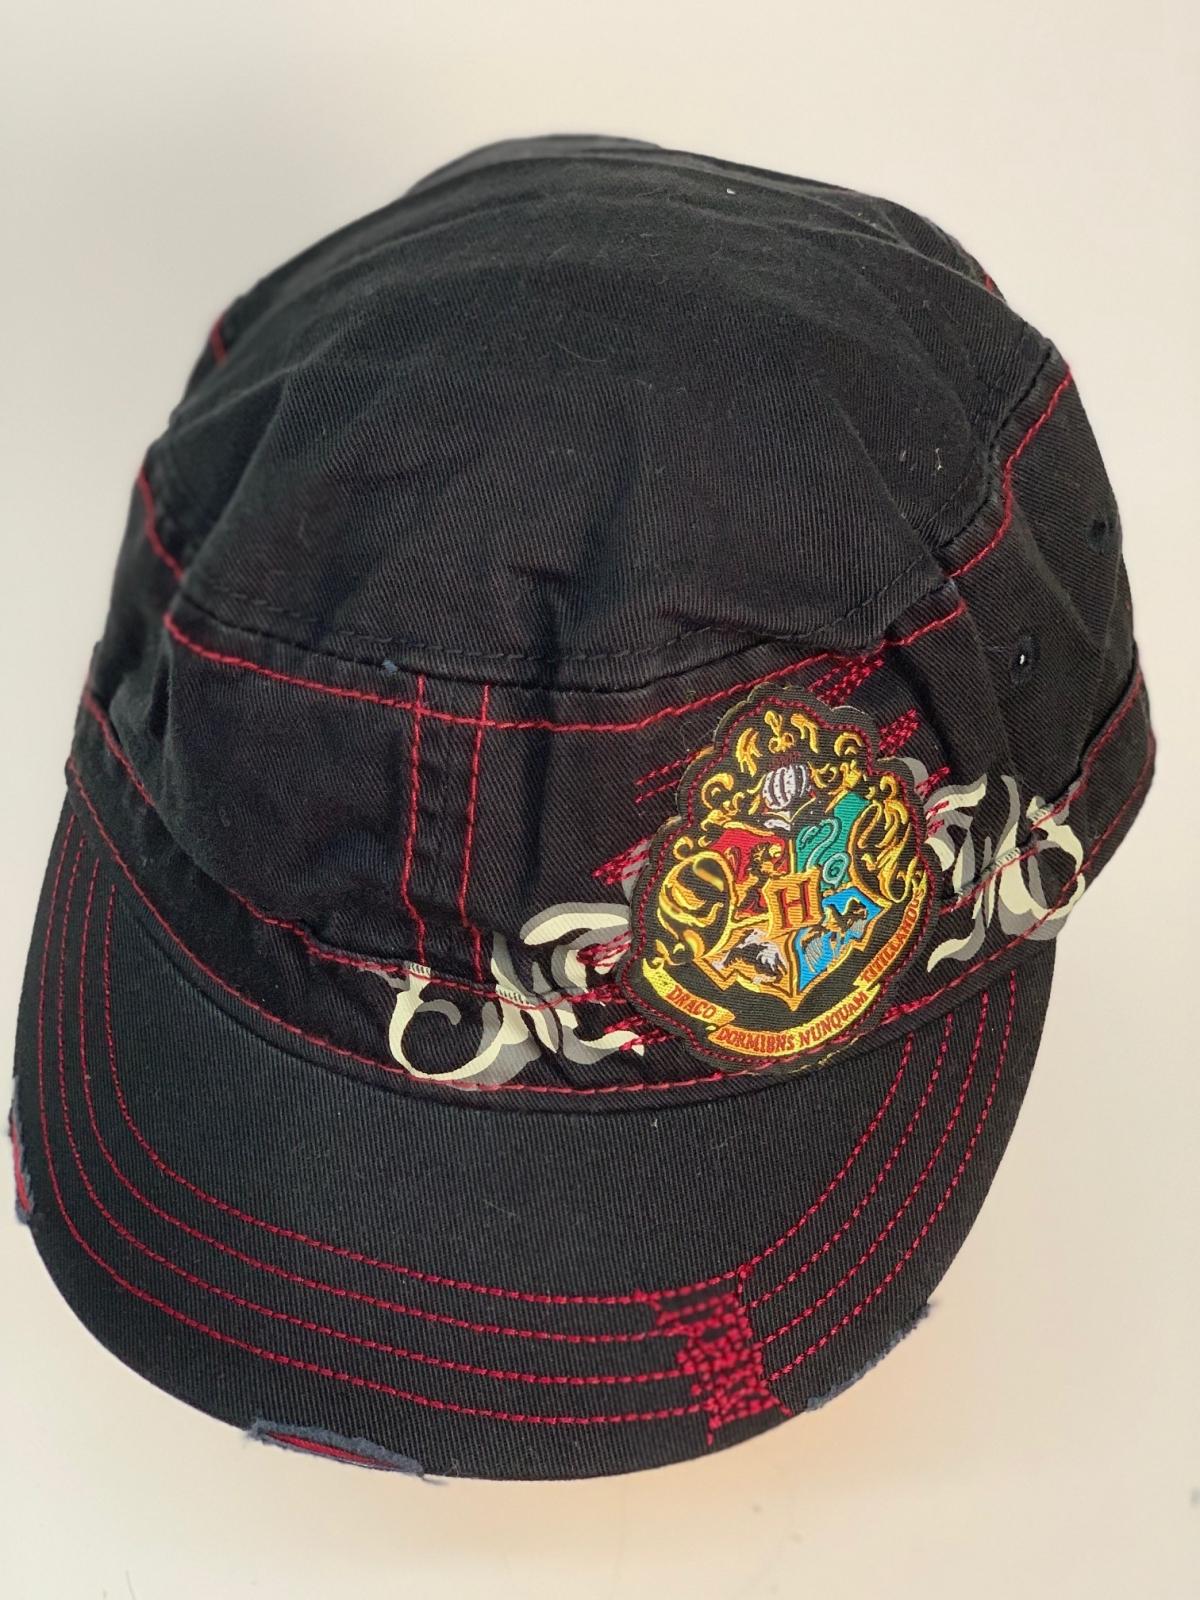 Черная кепка-немка с гербом и крутым принтом